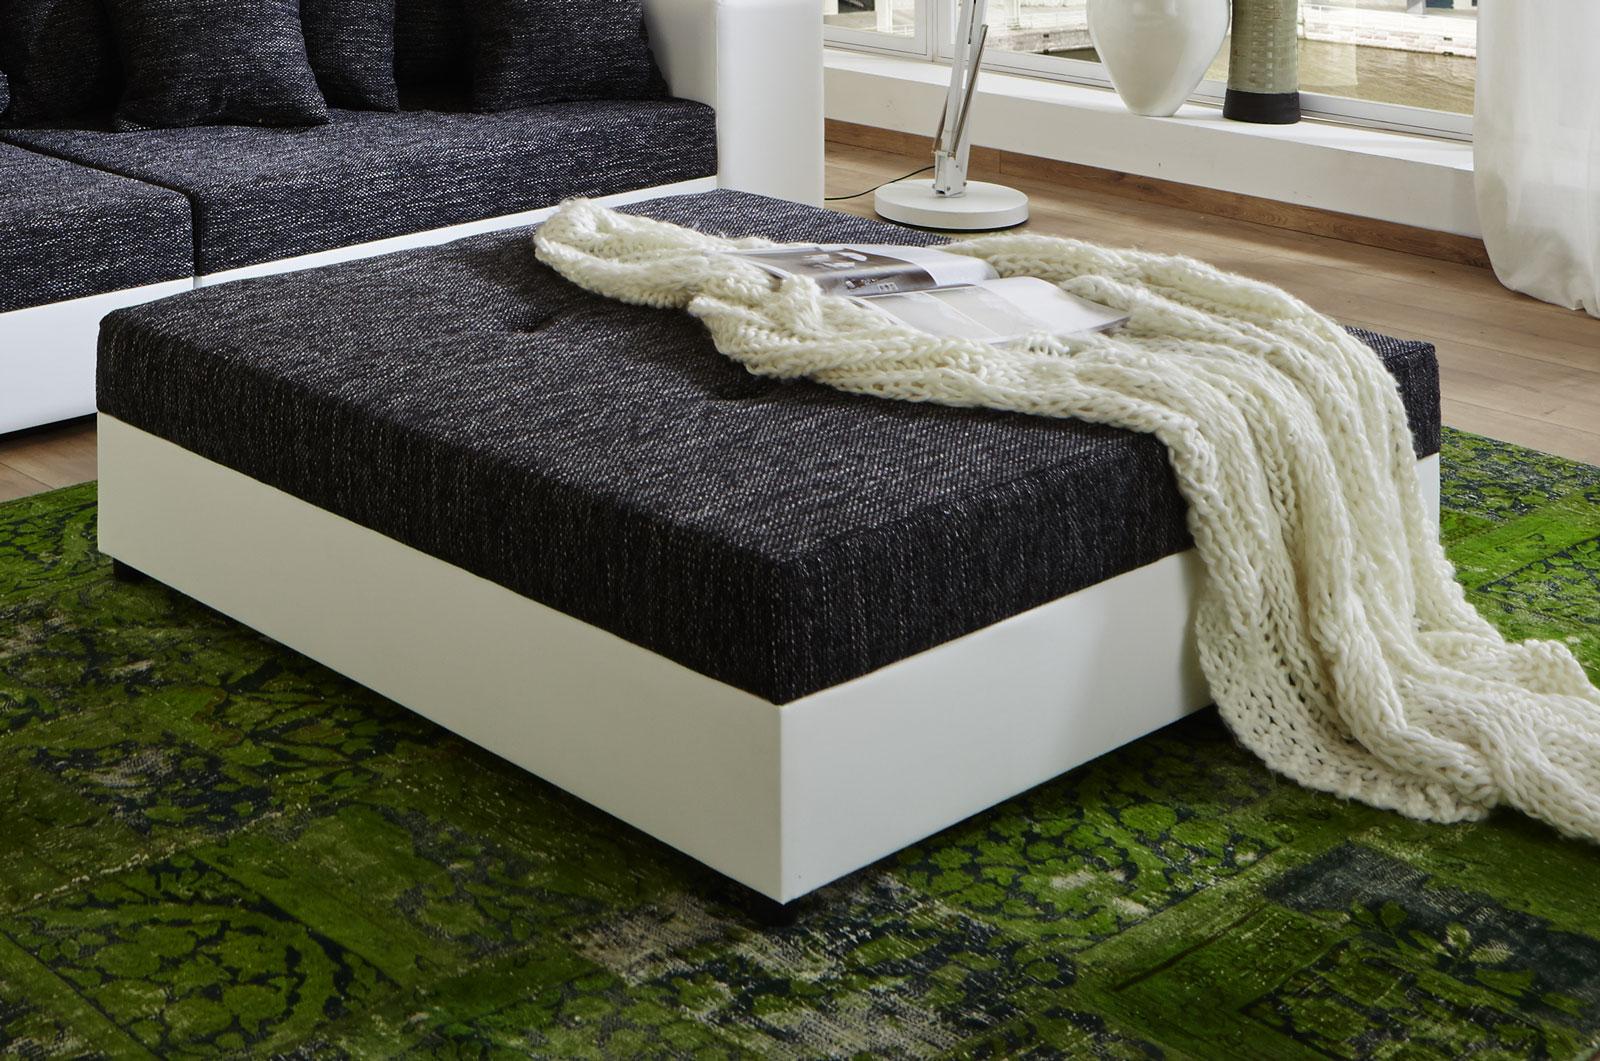 Wohnzimmer design schwarz weiß – dumss.com